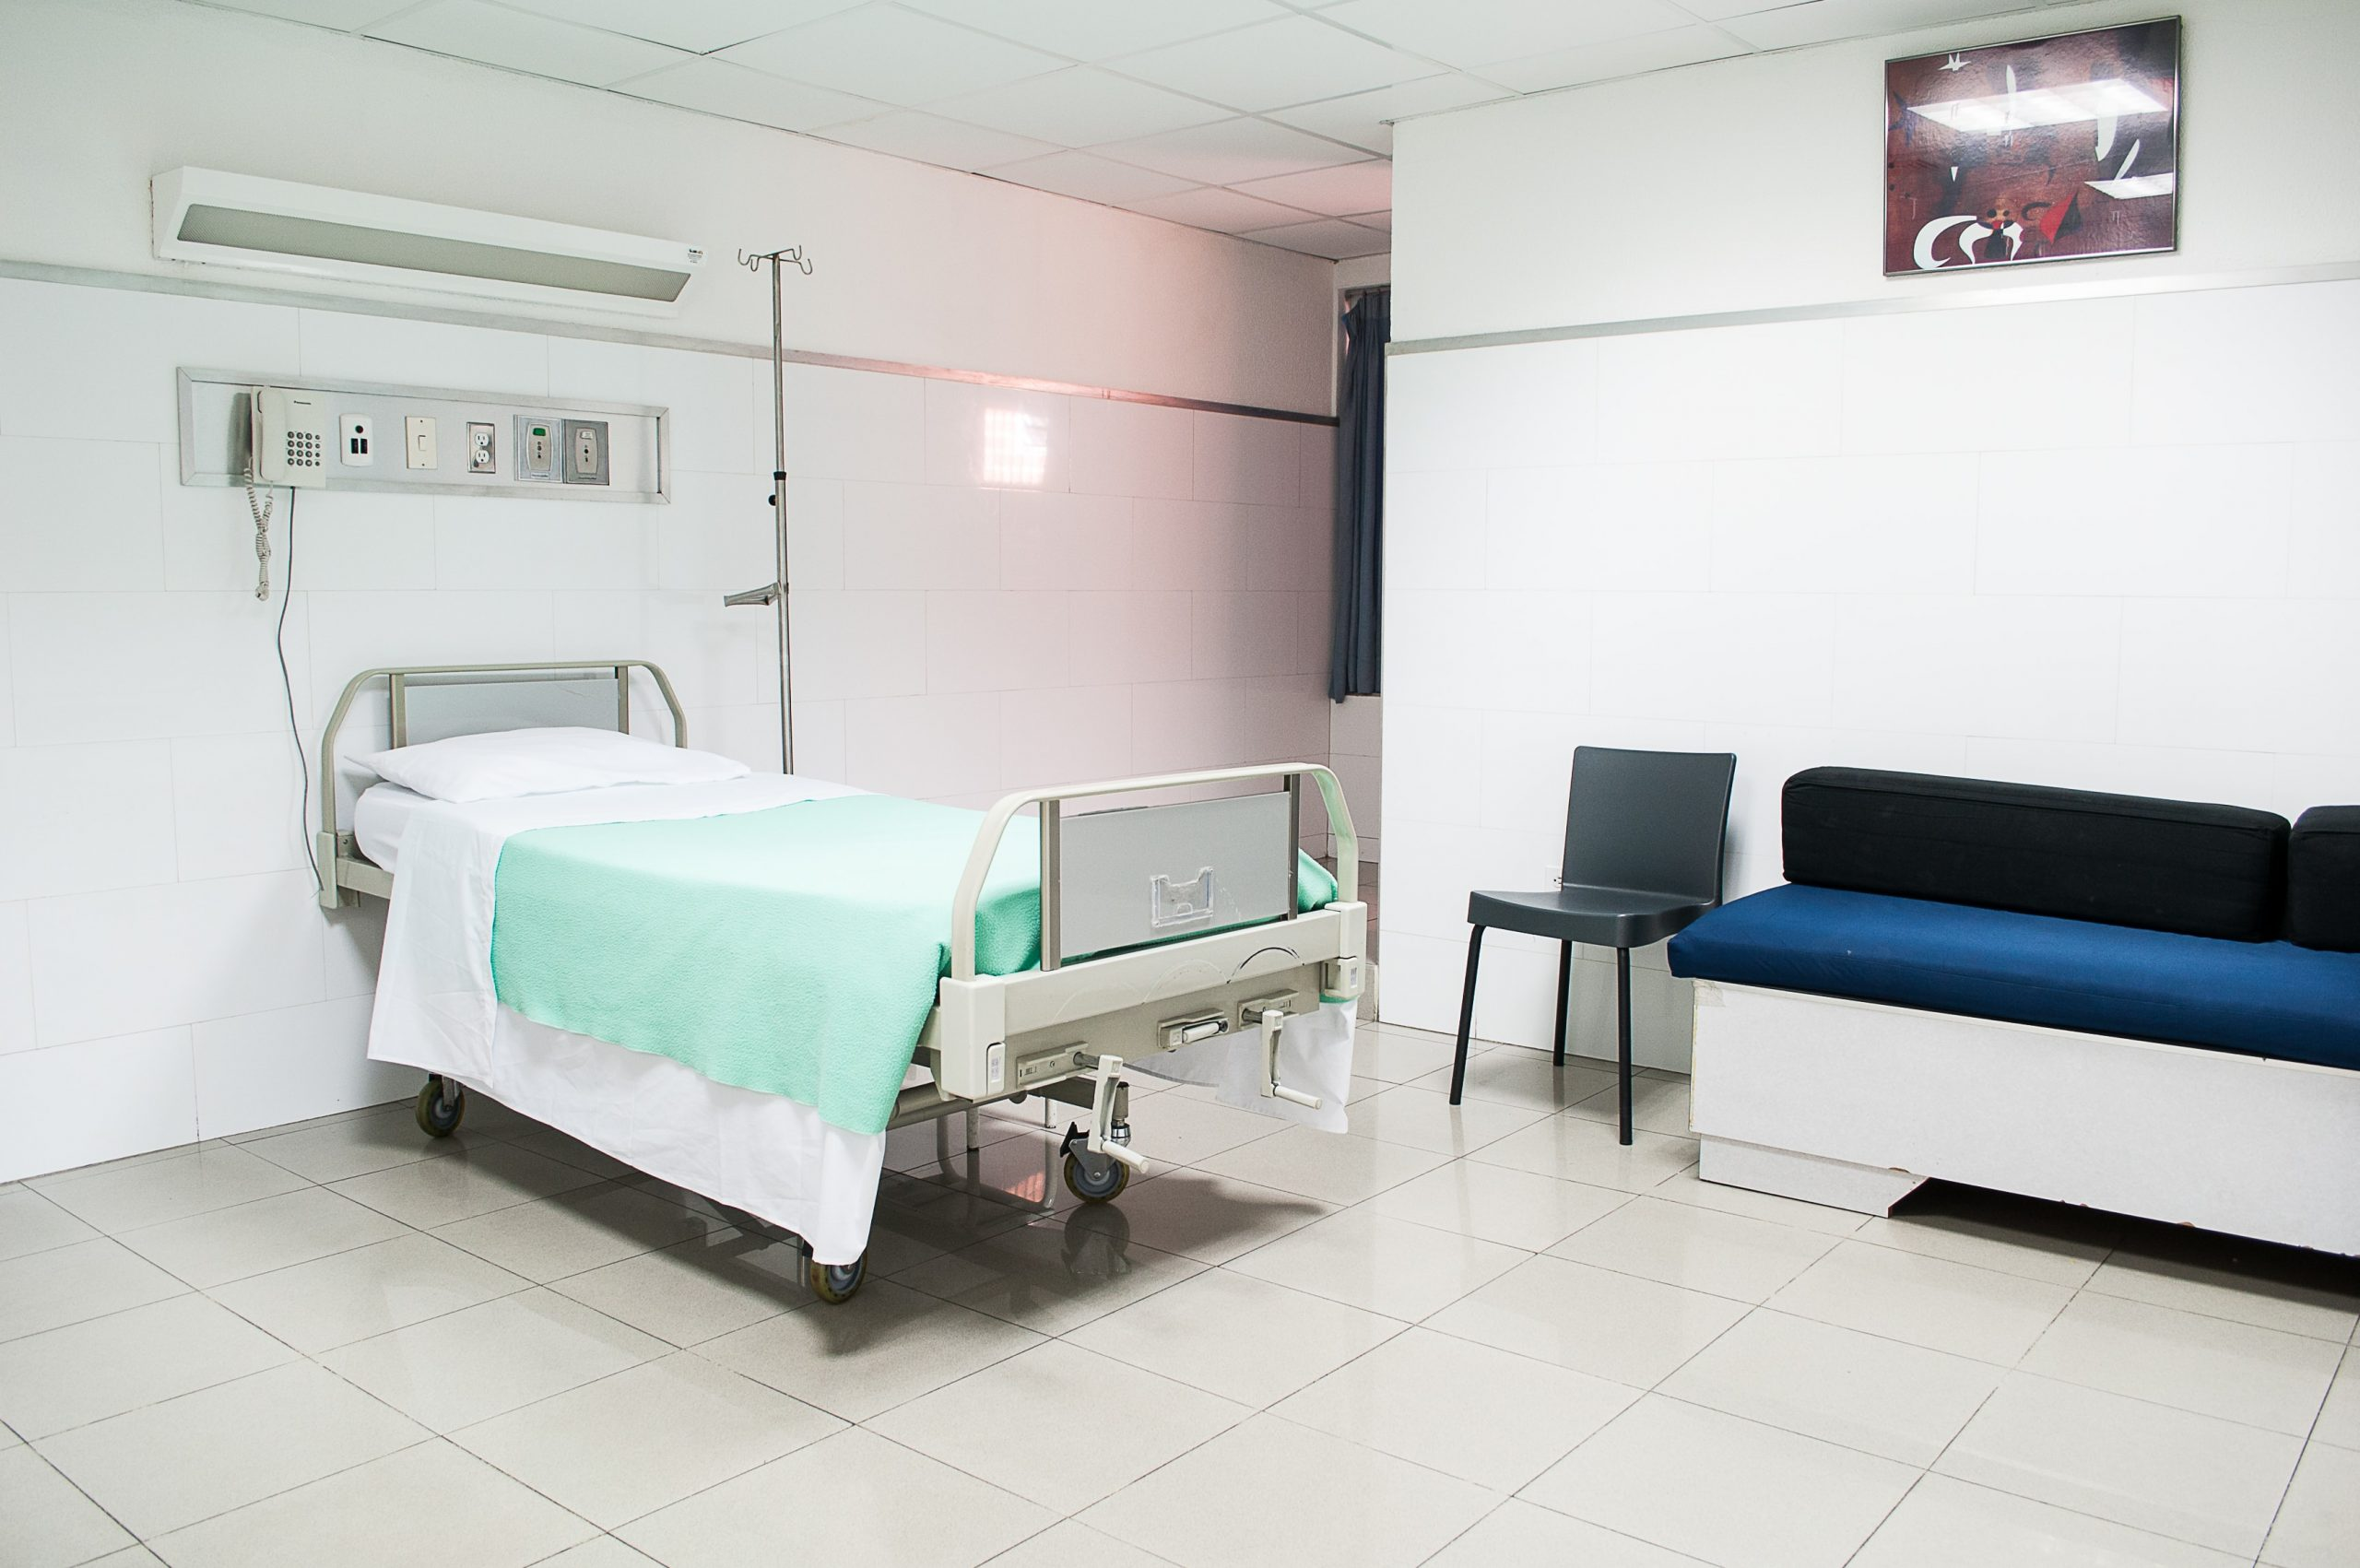 110 Rumah Sakit Rujukan Covid-19 Nihil Pasien!